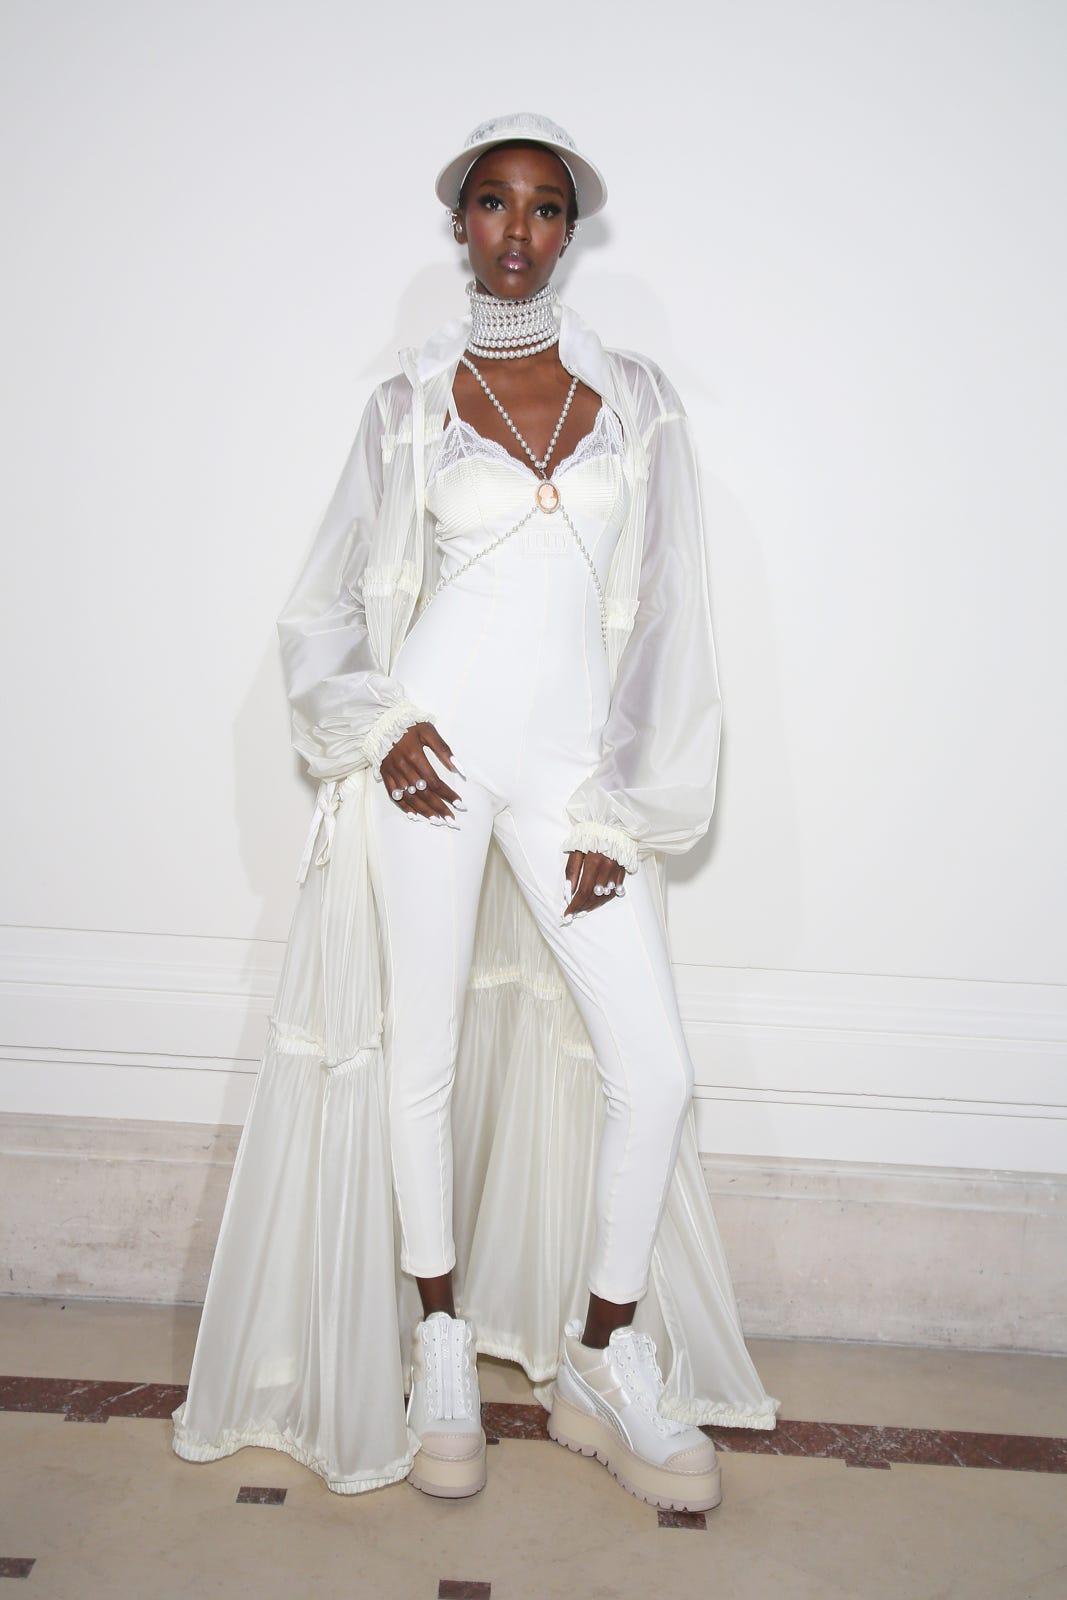 Puma Fenty Rihanna 2017